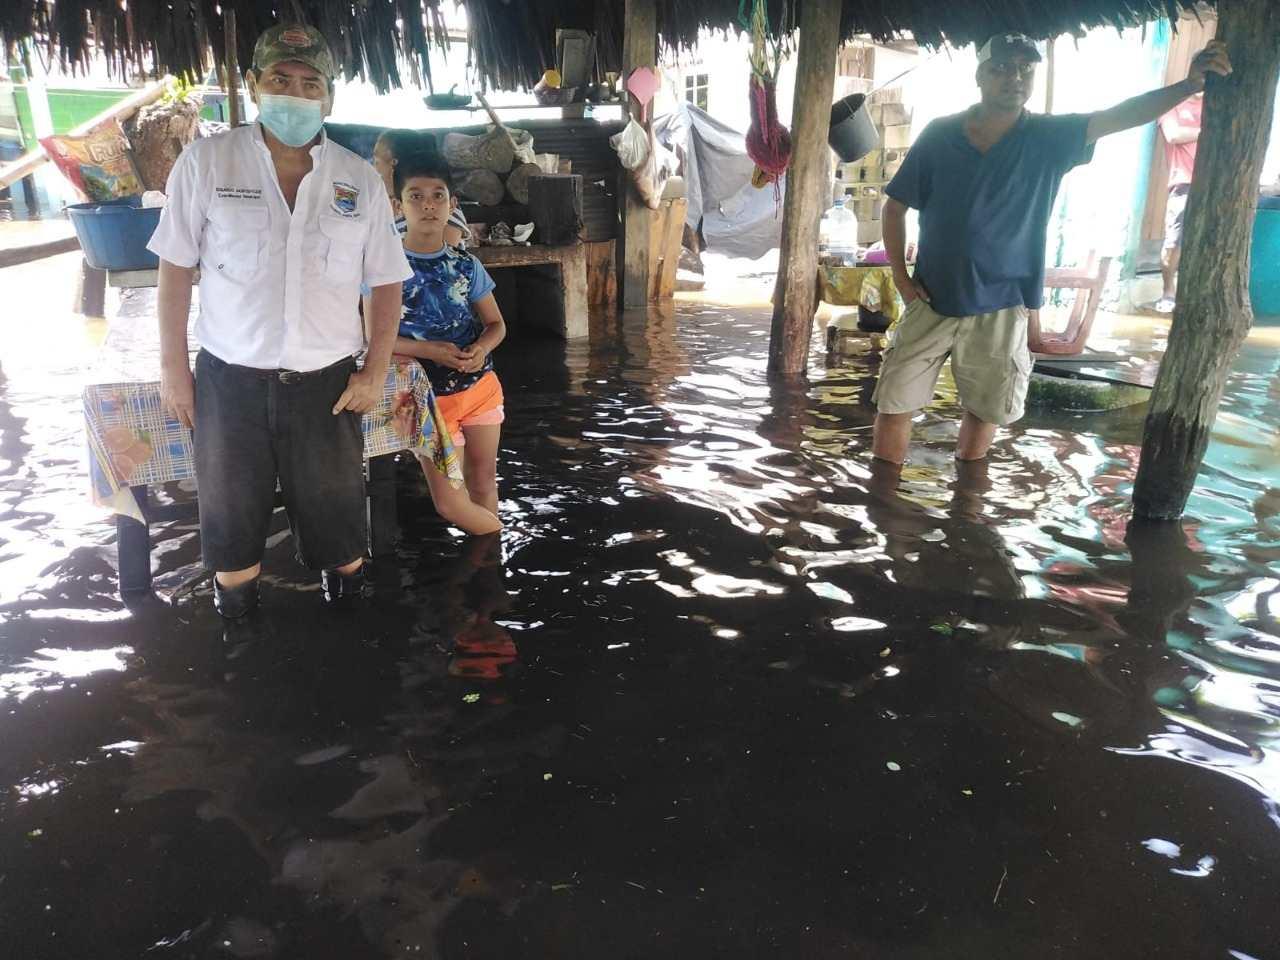 Las lluvias de las últimas horas en Guatemala cobraron 45.000 víctimas, una muerte menor y cientos de evacuados - Prensa Libre